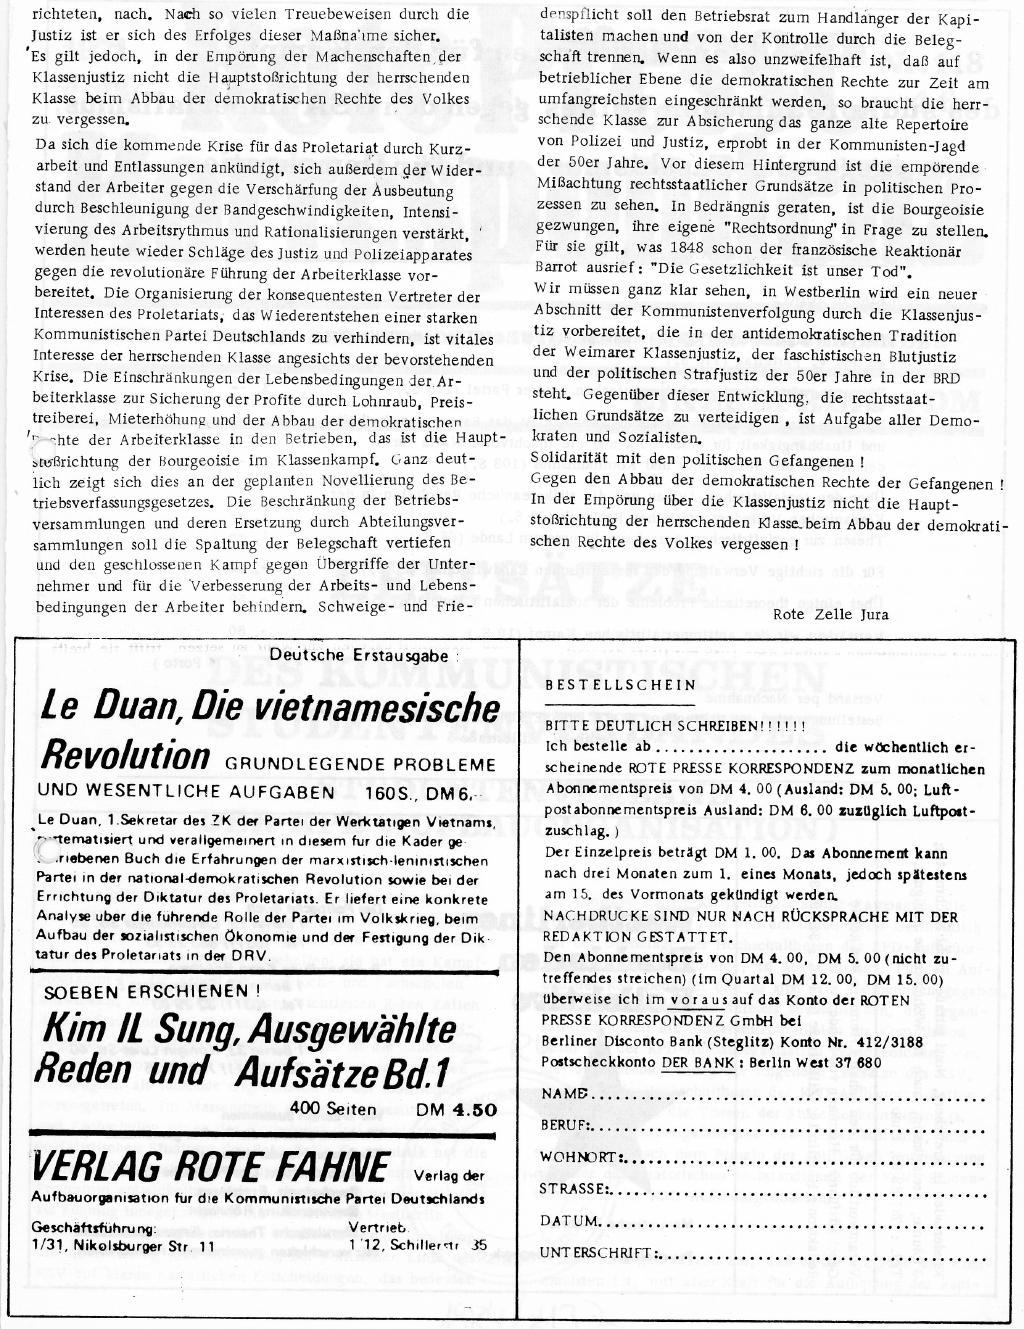 RPK_1971_118_13